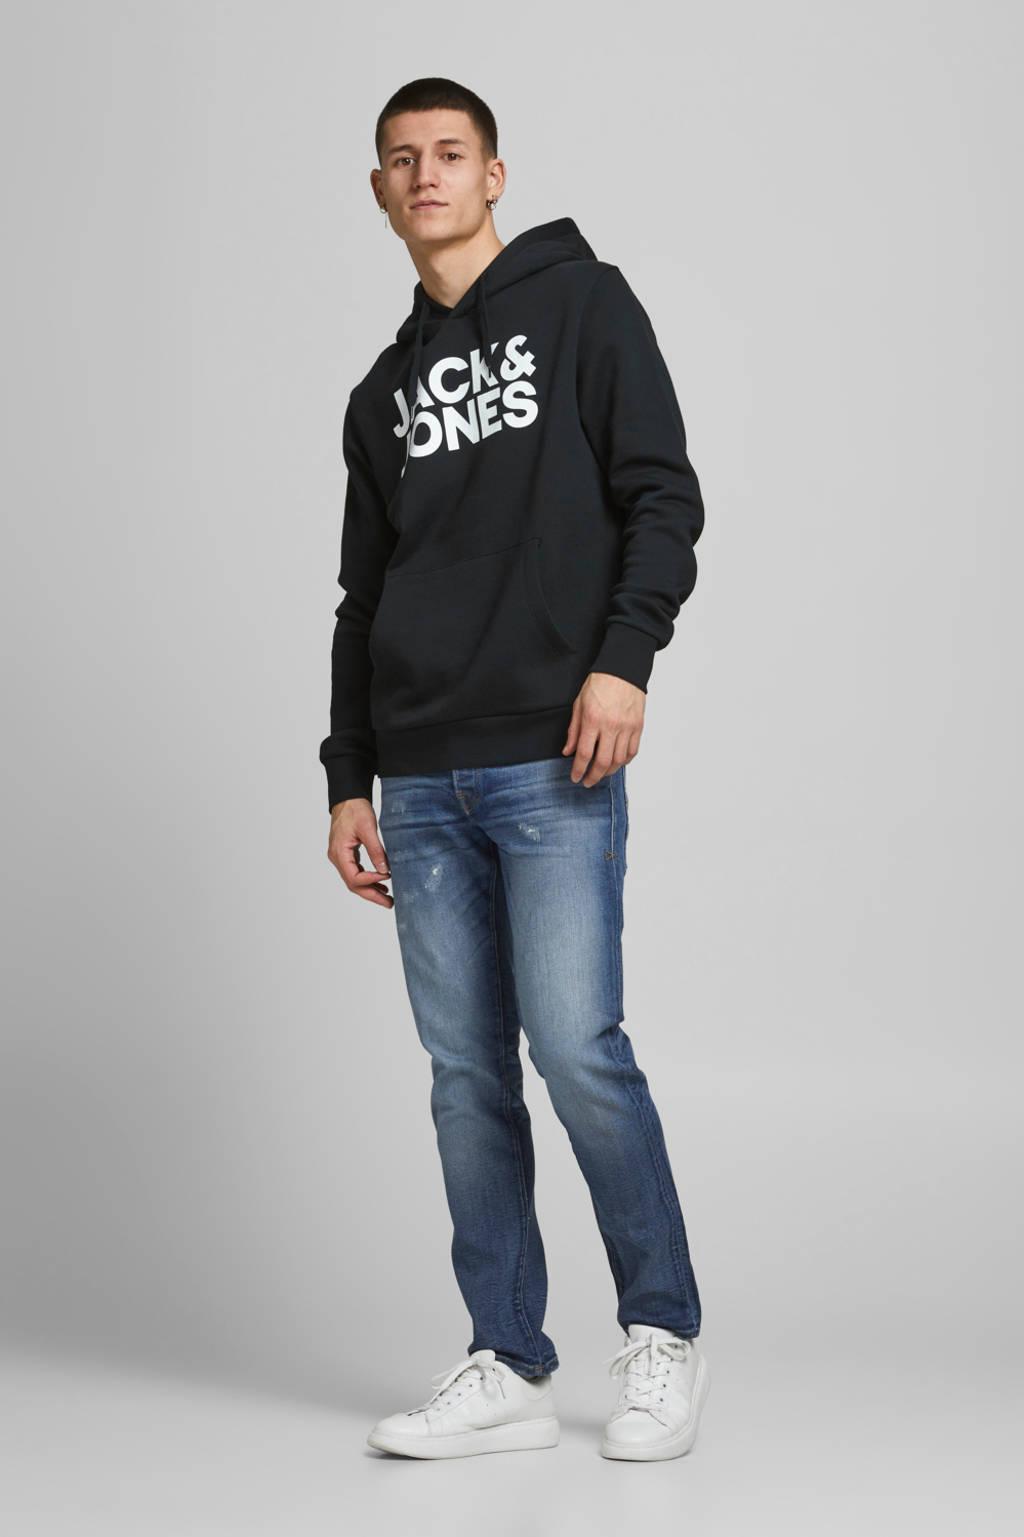 JACK & JONES ESSENTIALS hoodie Corp (set van 2) donkerblauw/zwart, Donkerblauw/zwart